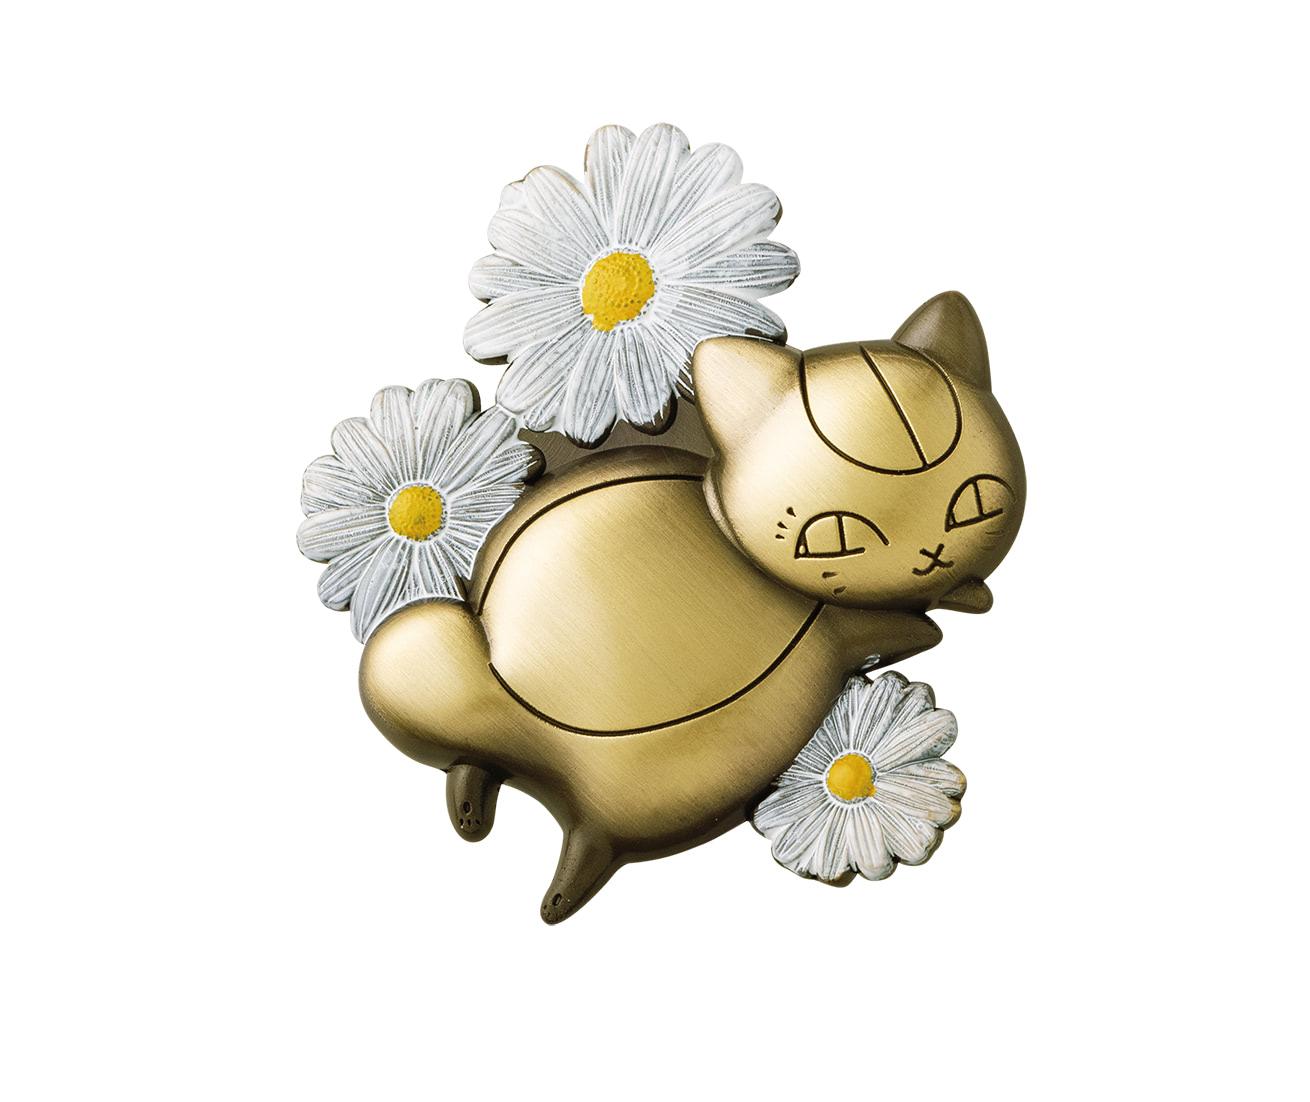 ニャンコ先生のお花ブローチ